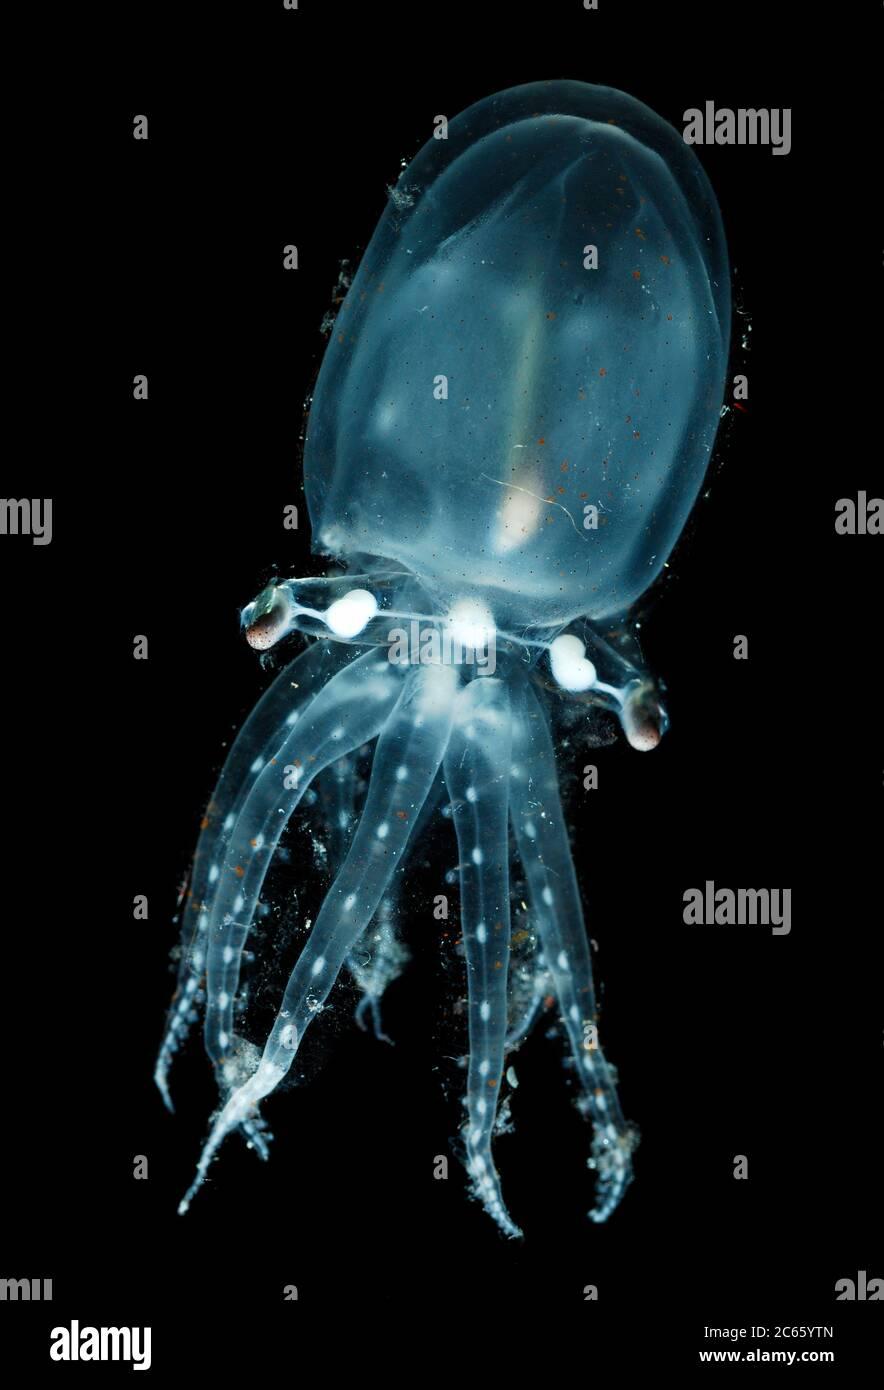 Pelagische Oktopode (Vitreledonella richardi) . Sie hat eine kosmopolitische Verbreitung in tropischen und subtropischen Gewässern, wo sie in meso- bis bathypelagischen Tiefen lebt. Der Körper ist gallertartig, transparent und fast farblos. Die eigentümliche lange, schmale Form und Position der Verdauungsdrüse ist im Titelbild zu sehen. Der Magen und Zecum, im Gegensatz zu den meisten anderen Oktopoden, ist angeblich vor der Verdauungsdrüse. [Größe des einzelnen Organismus: 7 cm] (Octopoda) Stockfoto